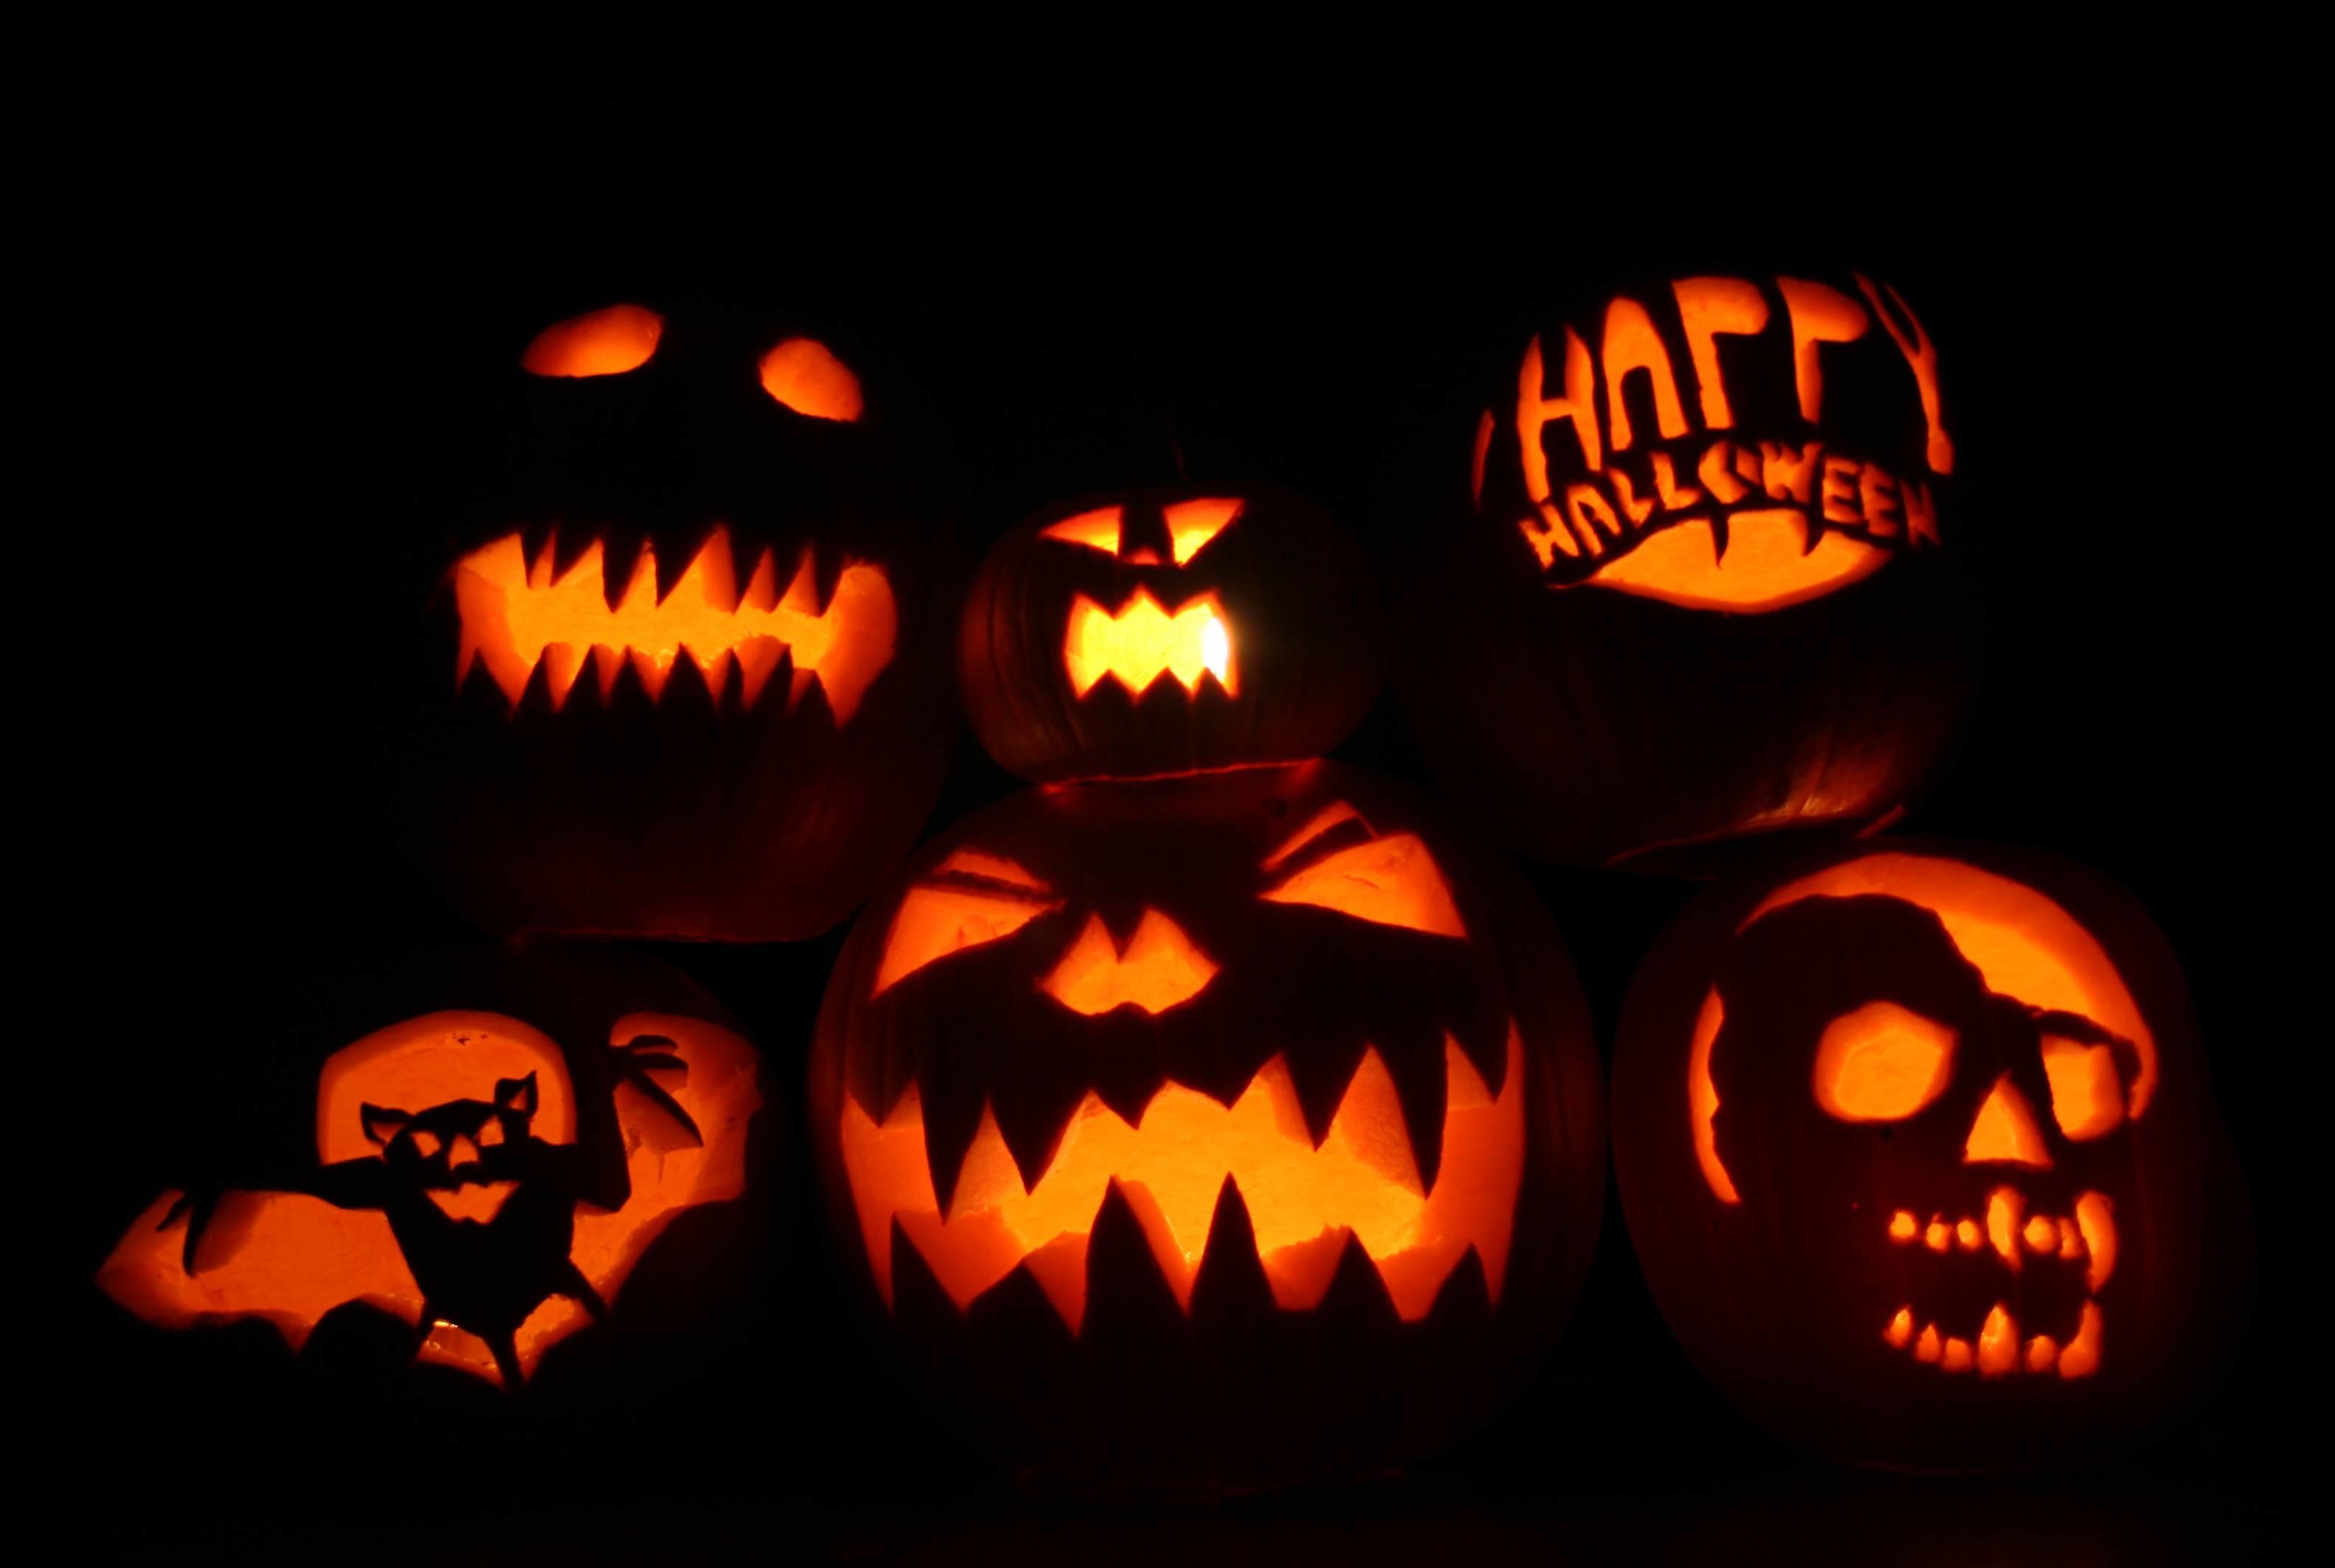 Halloween Wallpaper – www.